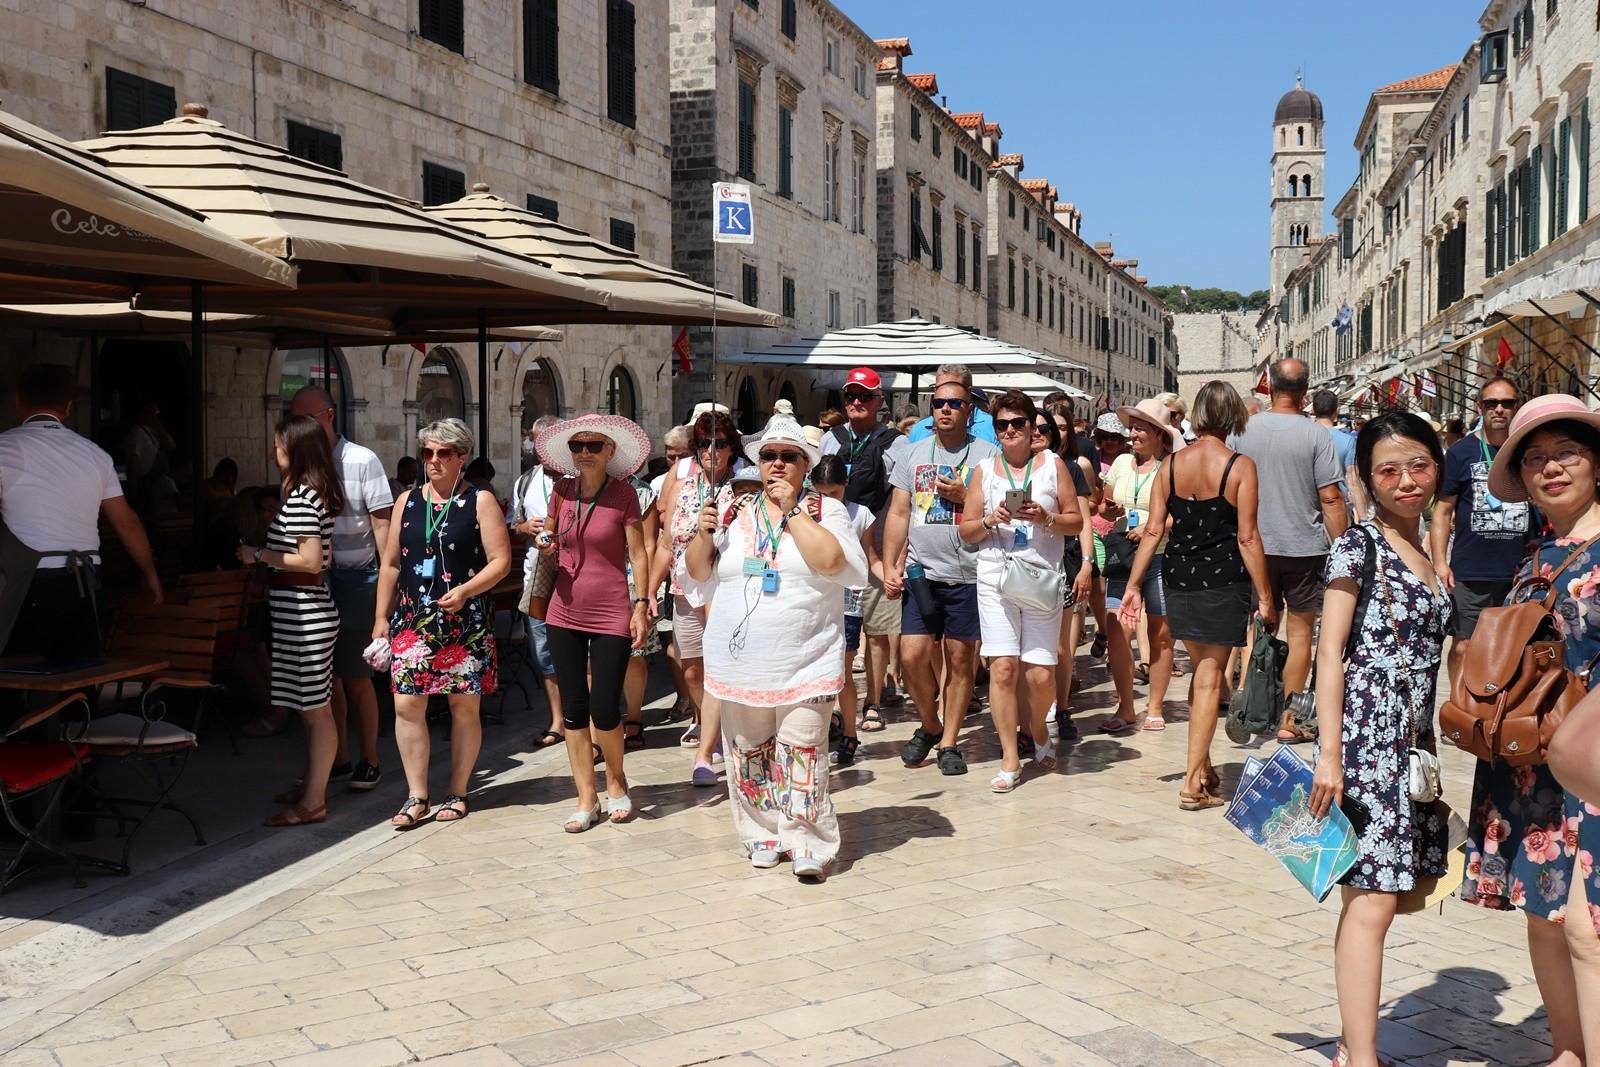 Gradonačelnik Franković pozvao turističke vodiče na suradnju u projektu Poštujmo Grad